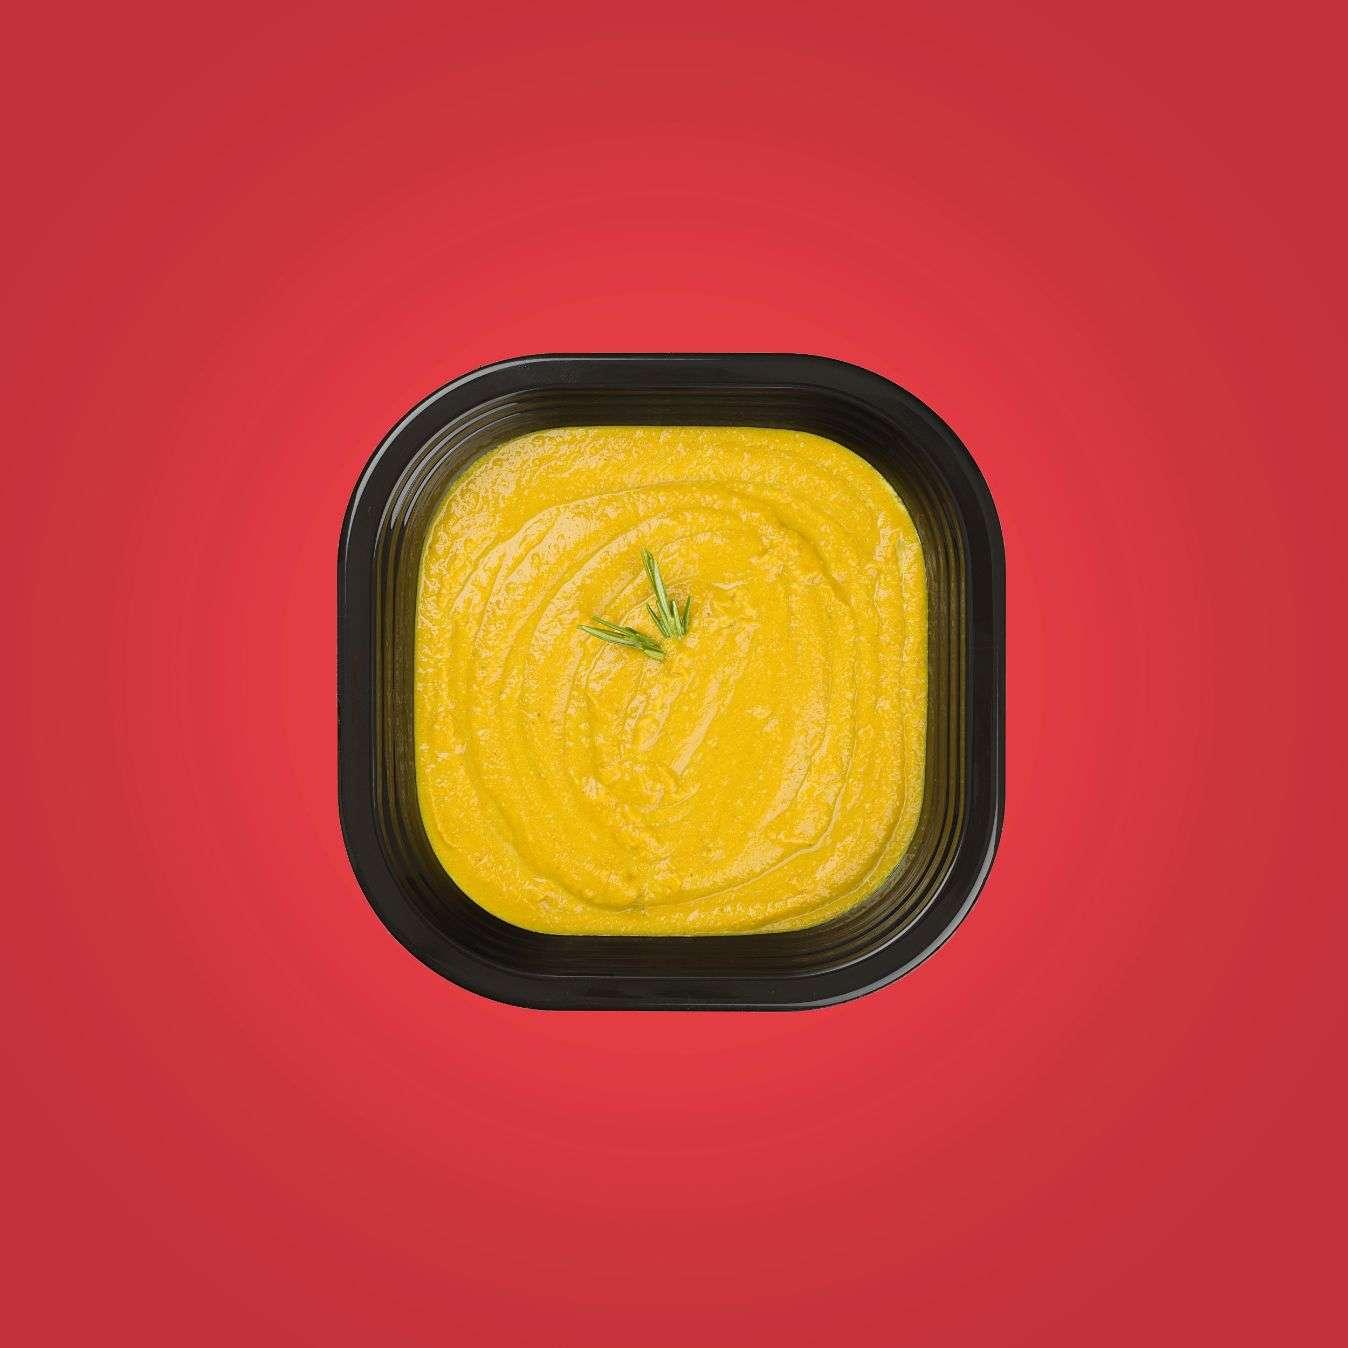 Vellutata di lenticchie rosse carote e curcuma_8210 copy